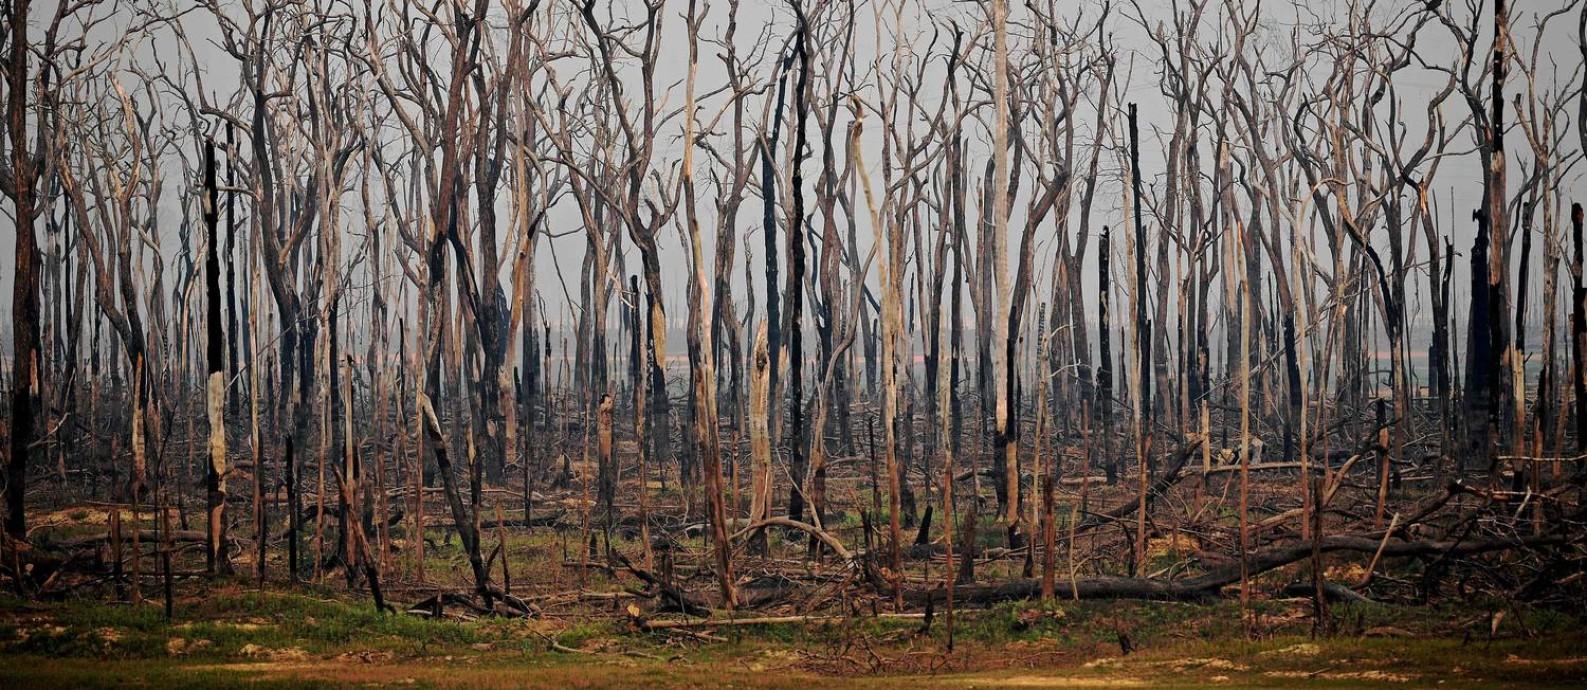 Futuro consumido. Área da Amazônia em Rondônia atingida por queimada em agosto de 2019: a perda de vegetação eleva a temperatura da floresta, afetando o regime de chuvas, um fator decisivo para a produção agrícola do país Foto: CARL DE SOUZA / AFP